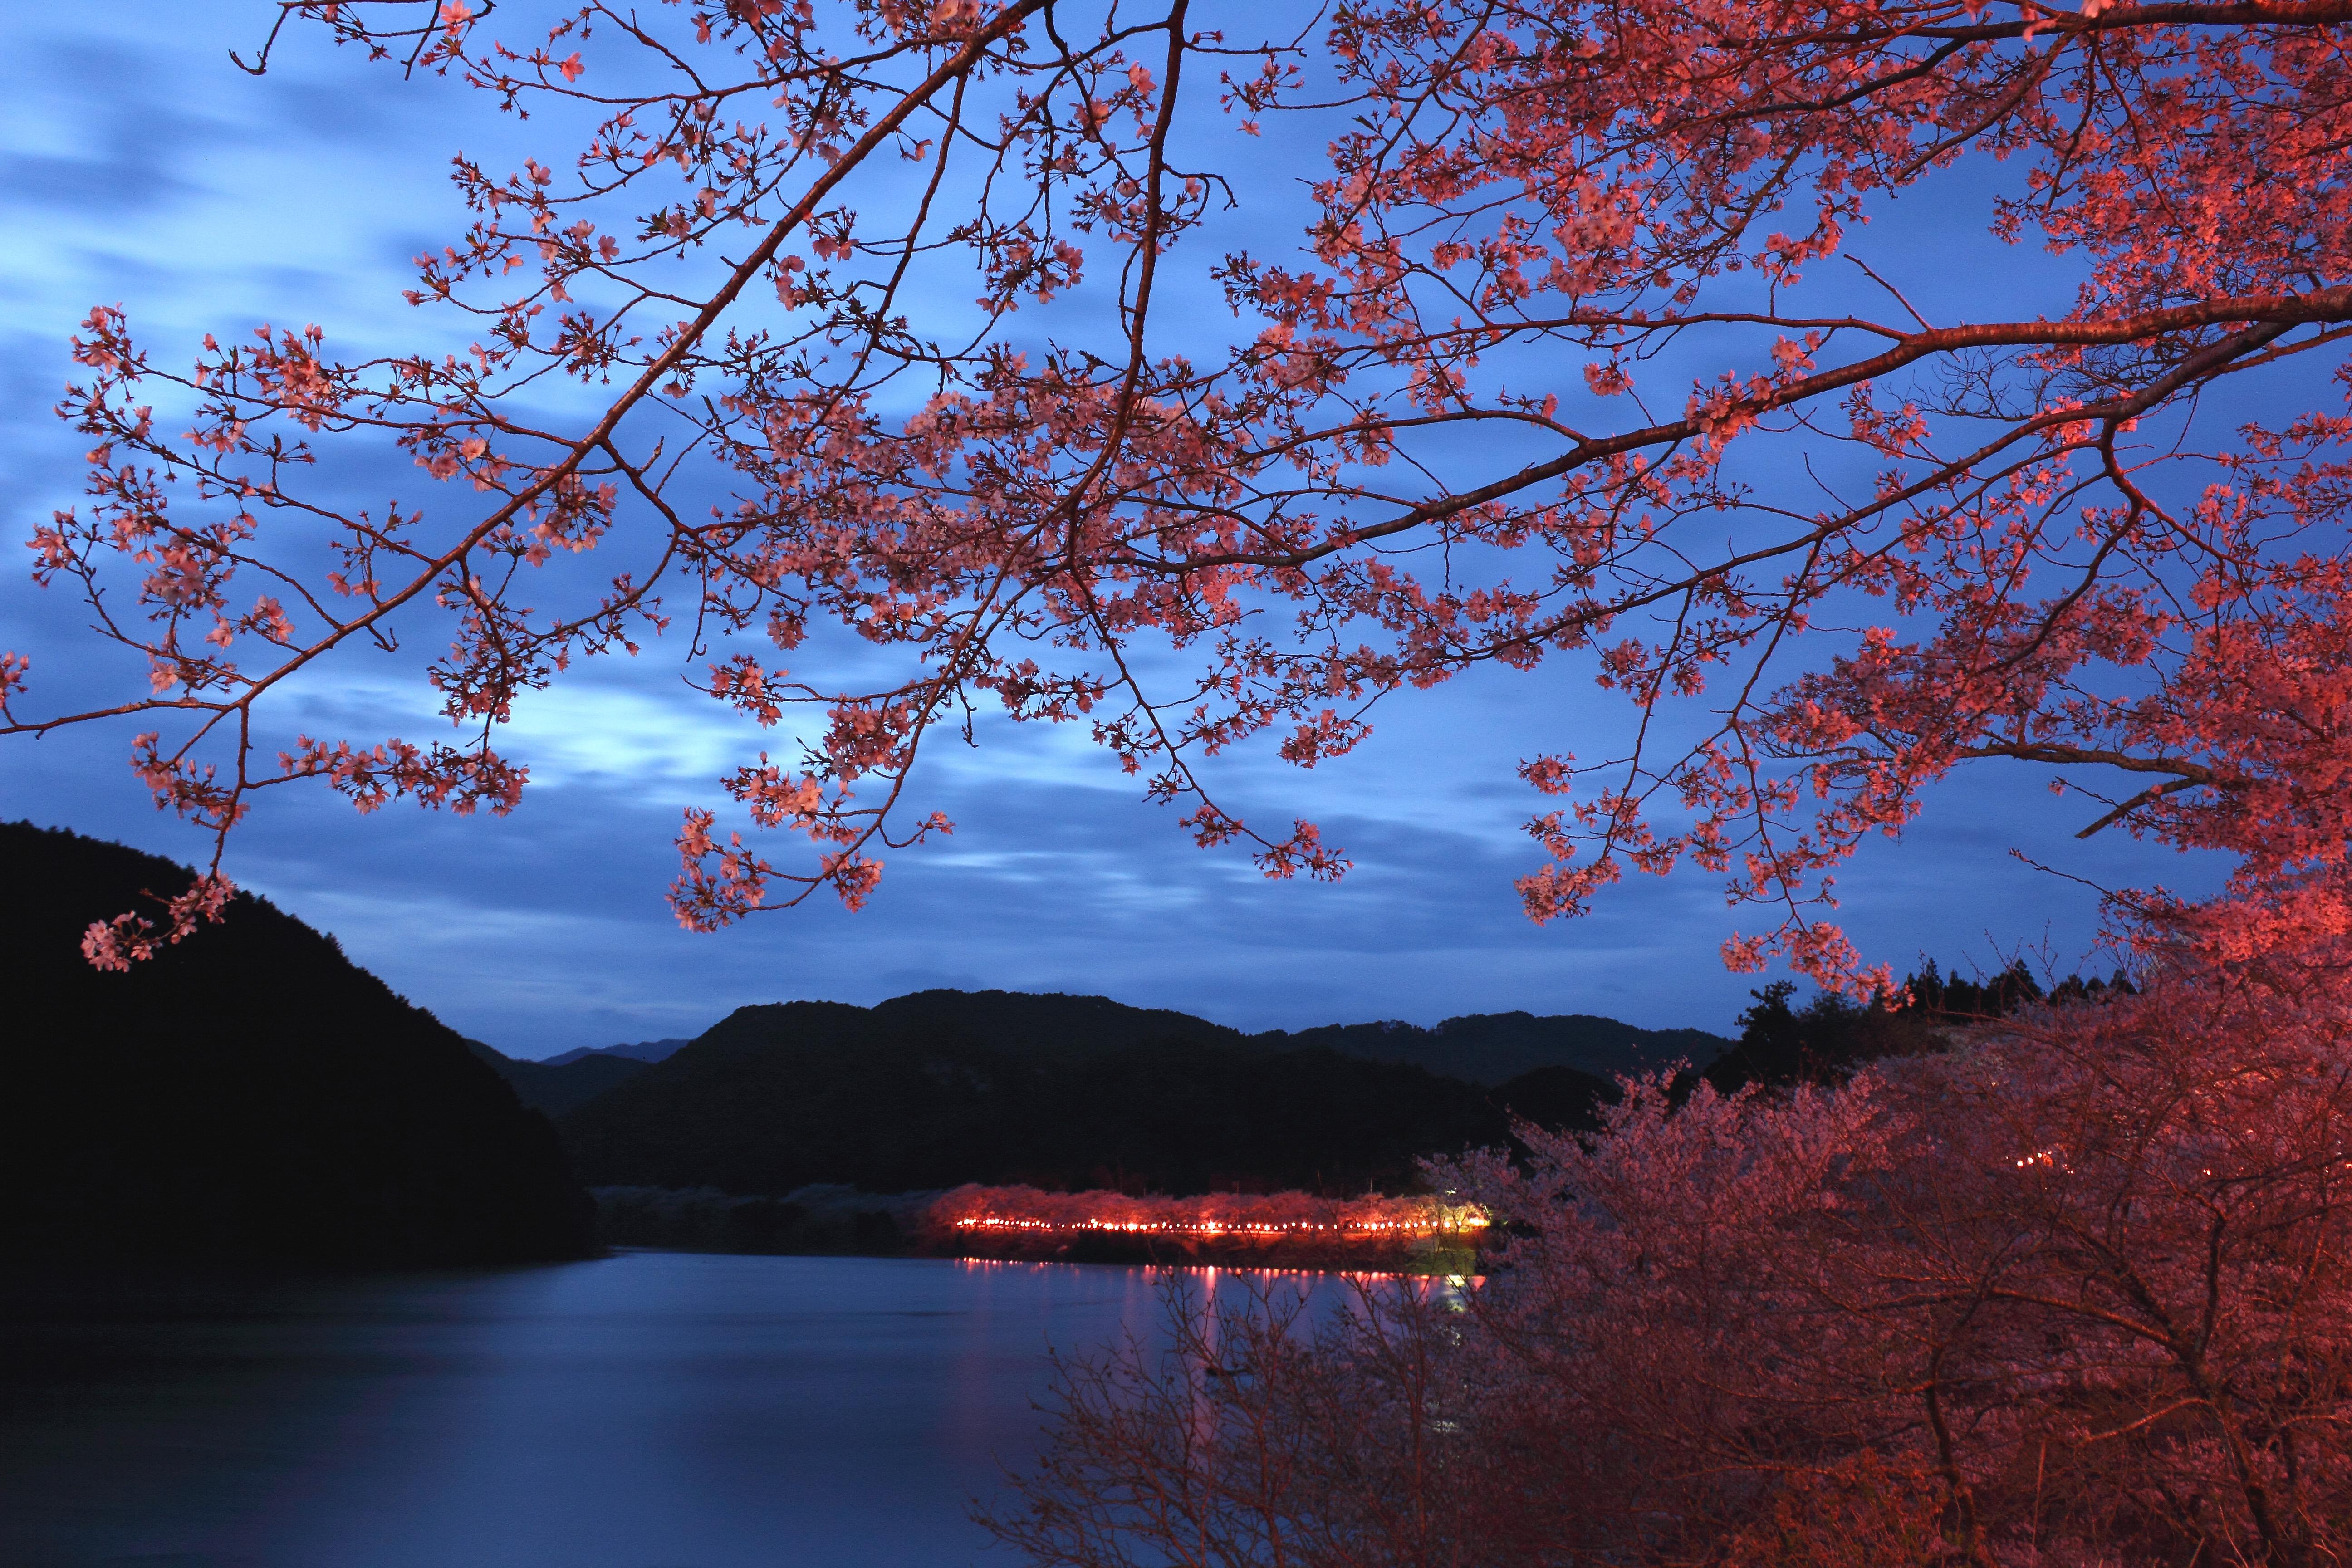 和歌山県古座川町(七川ダム湖畔)